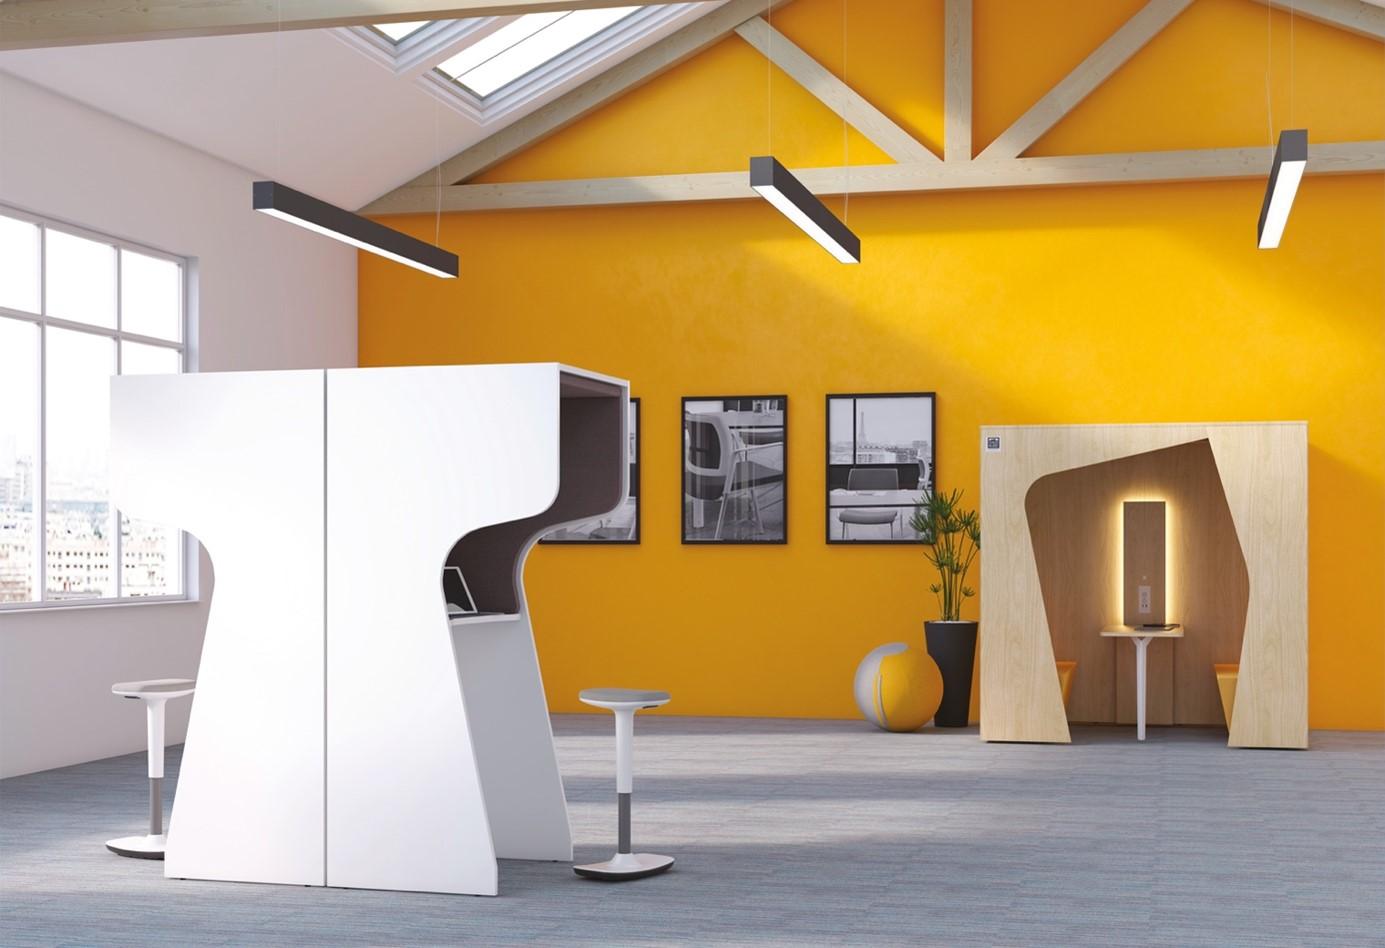 Créer un espace silencieux pour les appels téléphoniques en coworking grâce aux cabines acoustiques